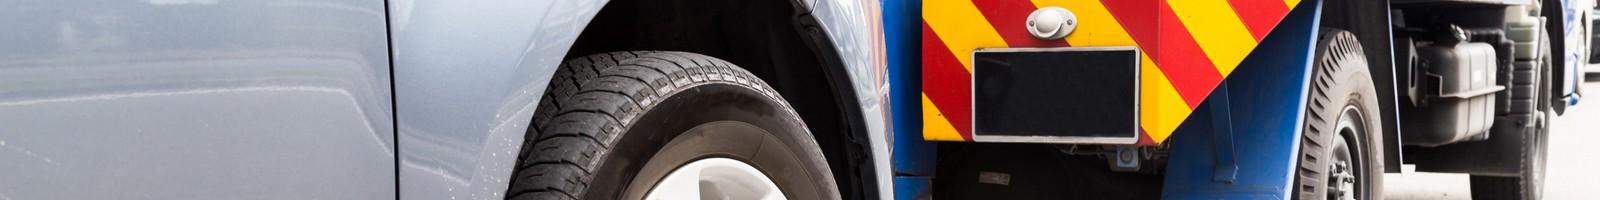 Le prix des dépannages sur autoroute a augmenté depuis mi-septembre